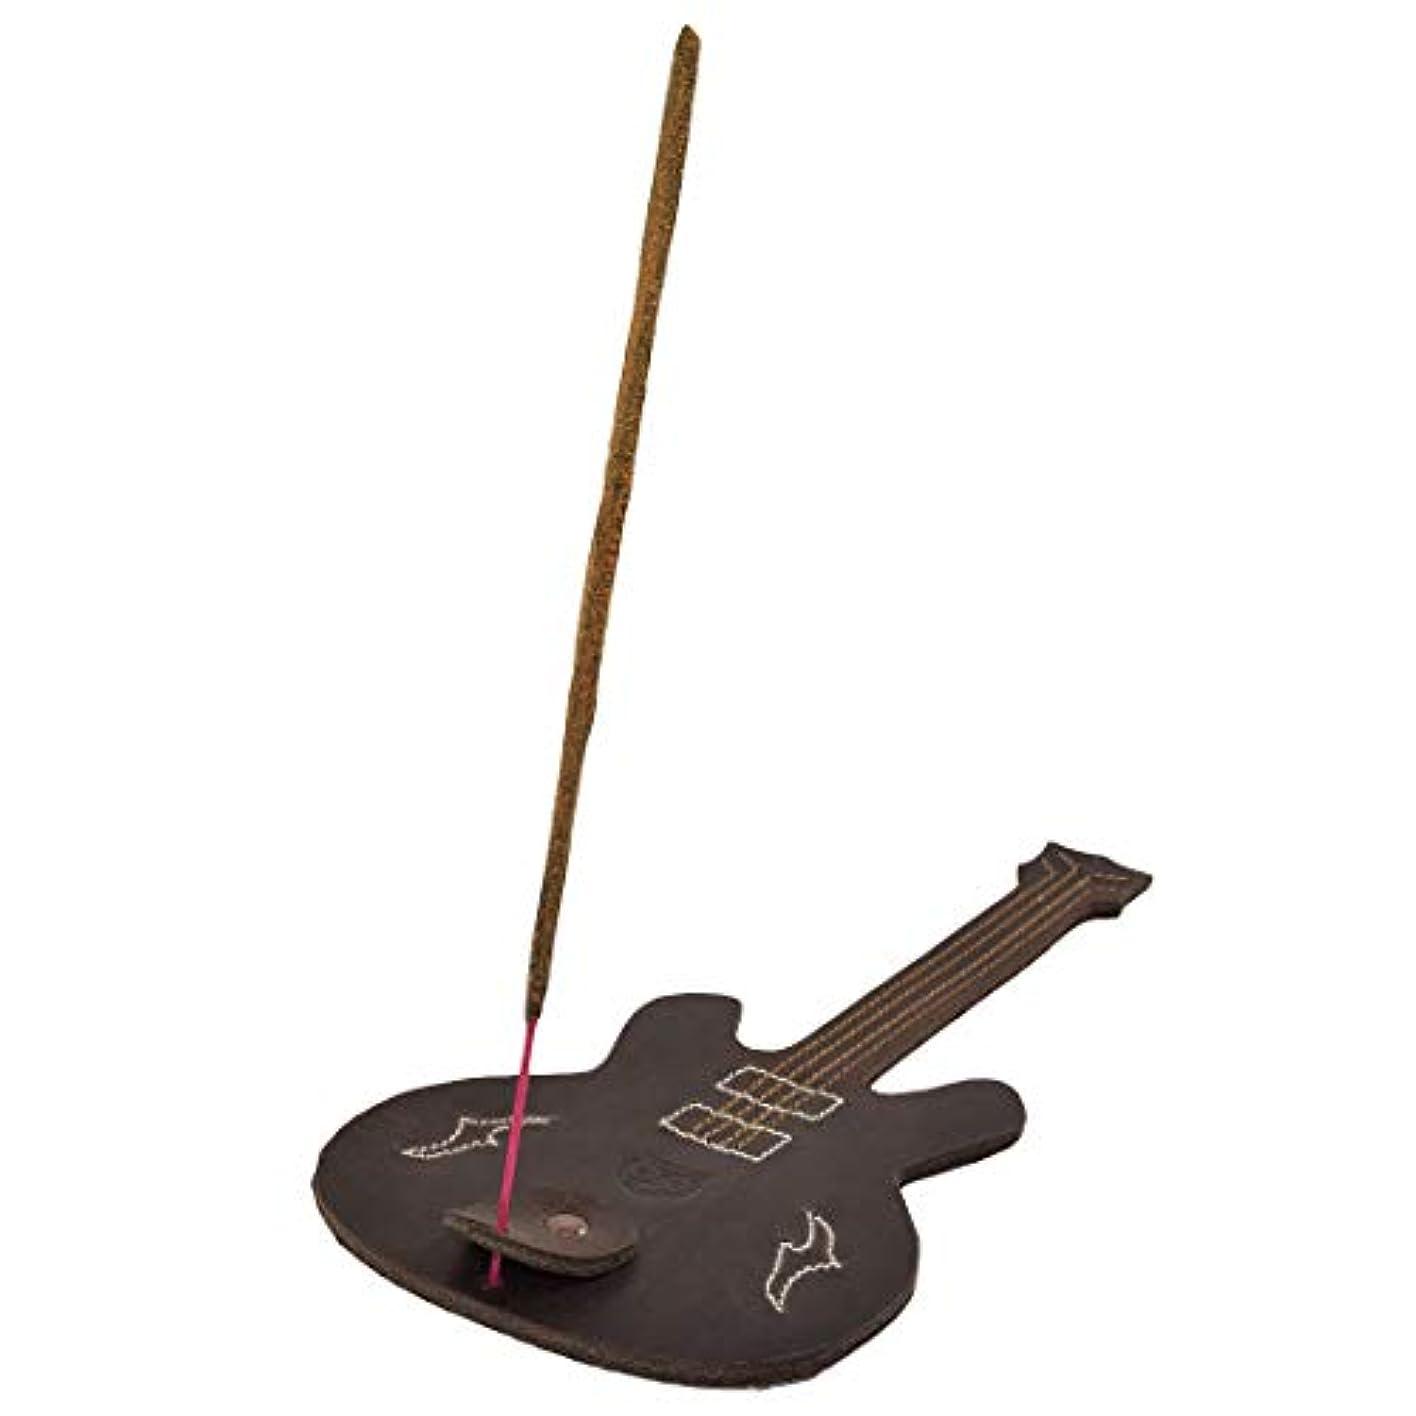 シーズン軽減ソブリケットHide & Drink厚レザーギター形状Incense Burnerスティックホルダーwith Ashキャッチャー手作りでBourbonブラウン